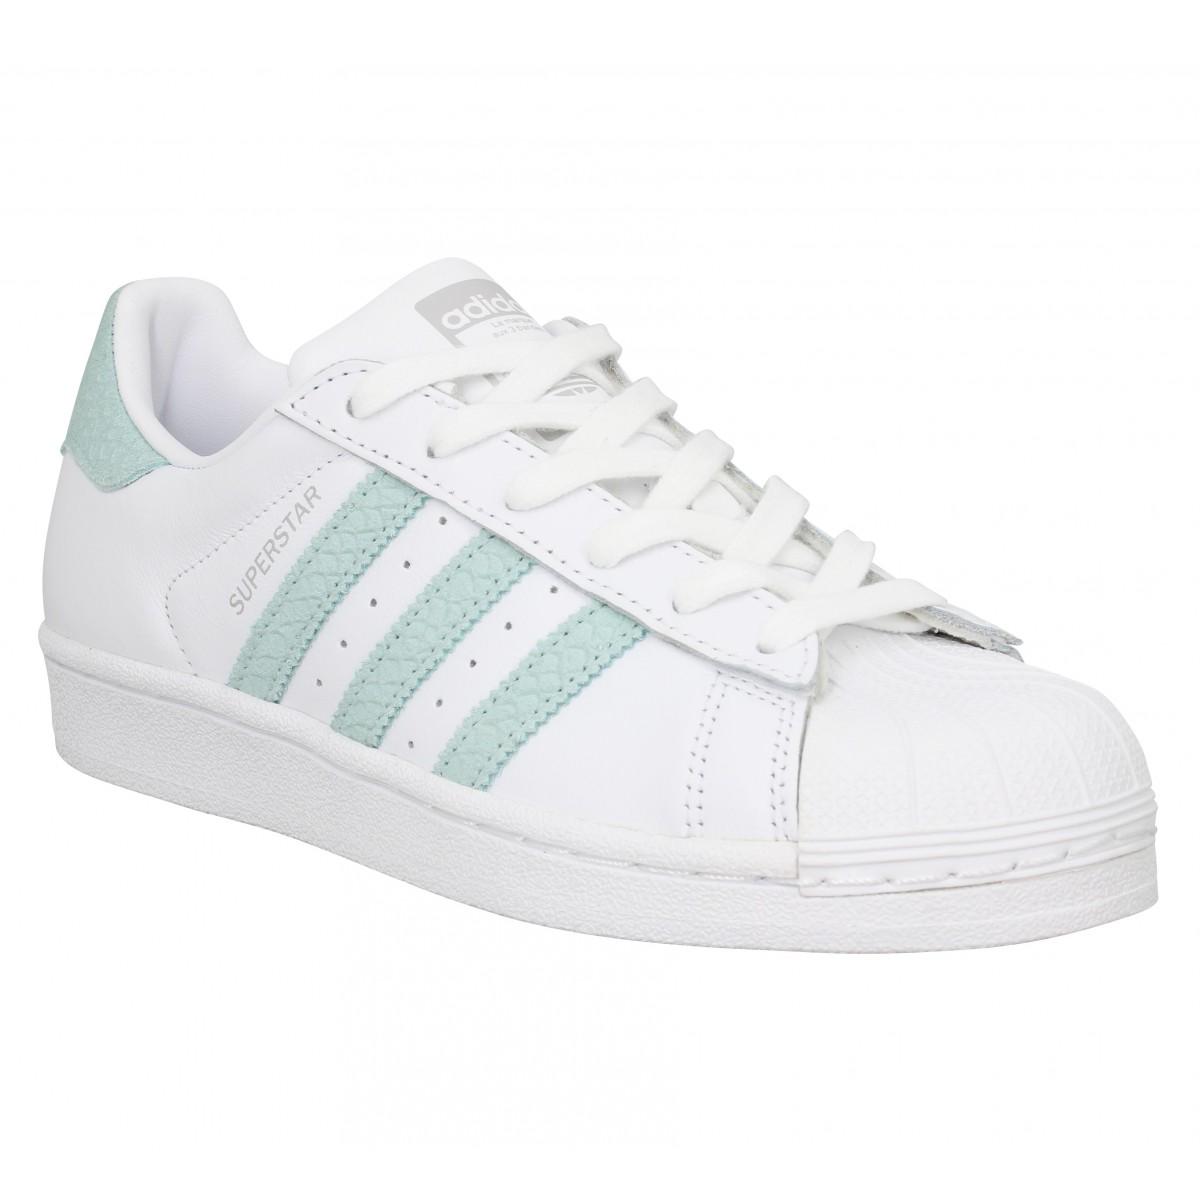 Adidas Femme Superstar Cuir -36-blanc...